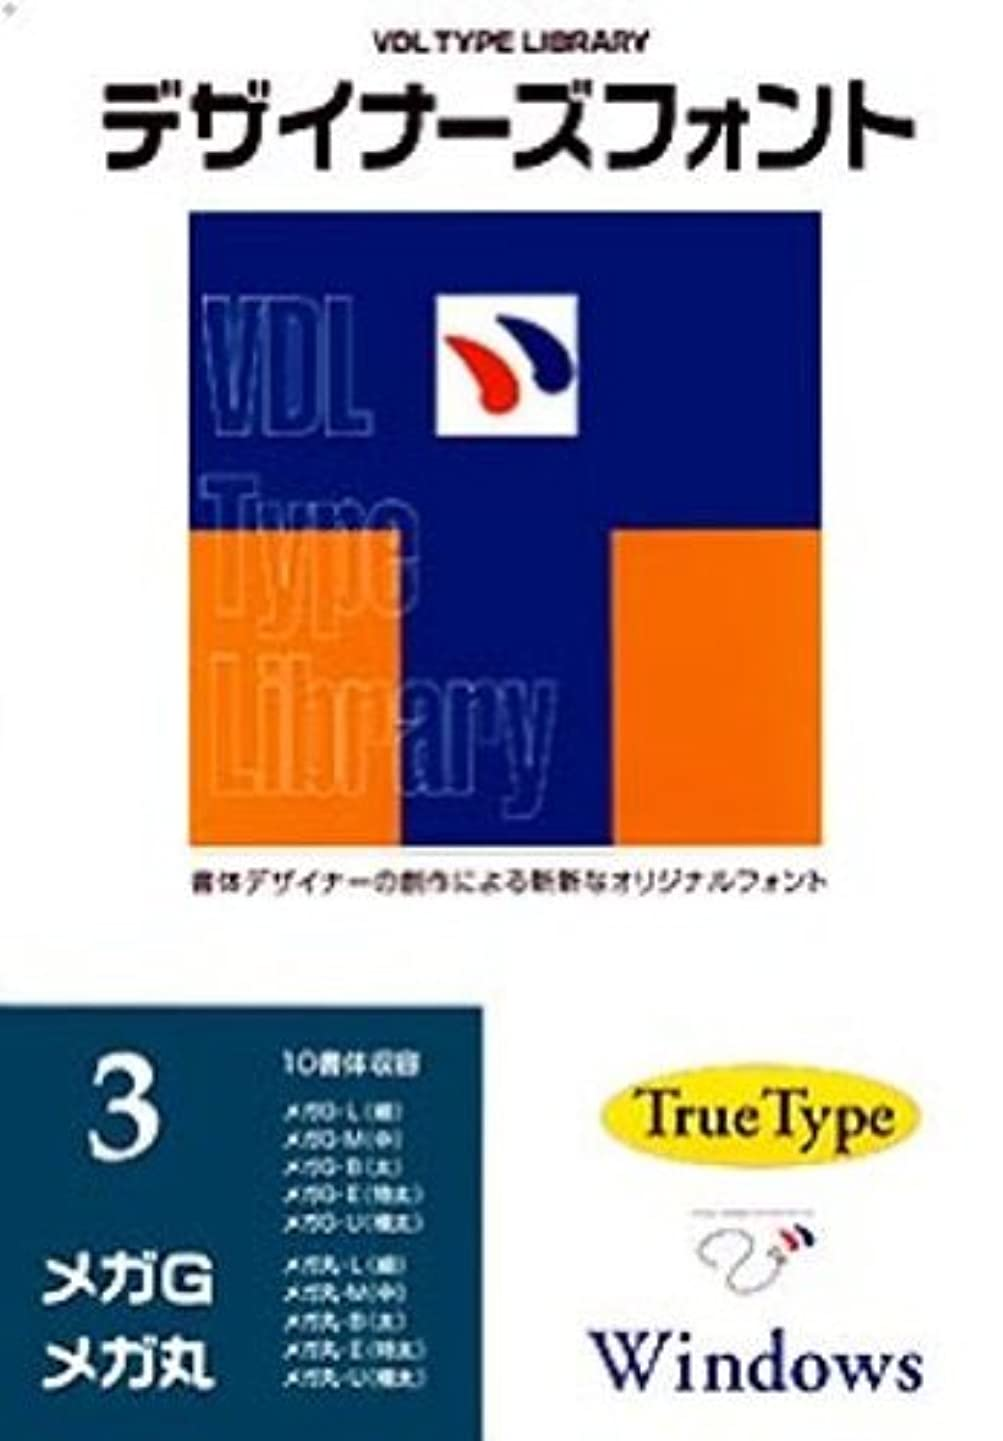 彫刻伸ばすペインギリックVDL Type Library デザイナーズフォント TrueType Windows Vol.3 メガG/メガ丸 (10書体パック)